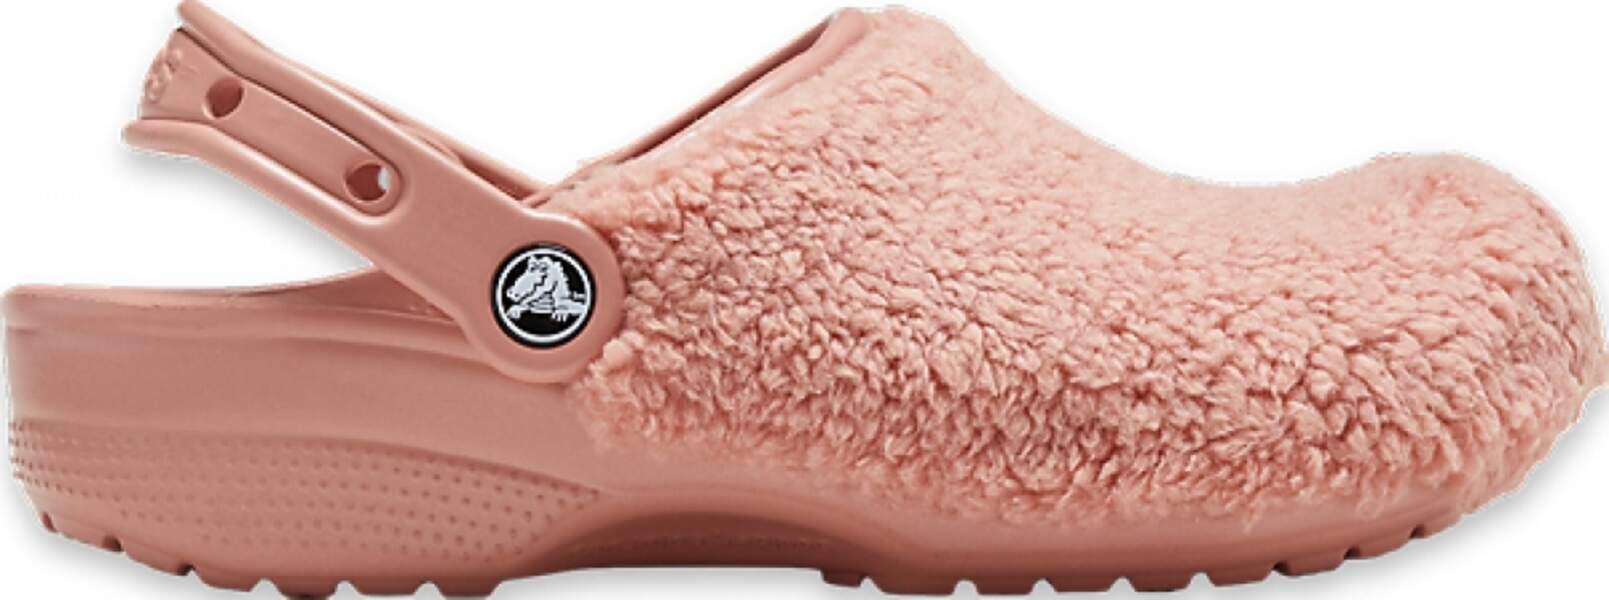 Chaussures en plastique et fausse fourrure, CROCS, 49,99€